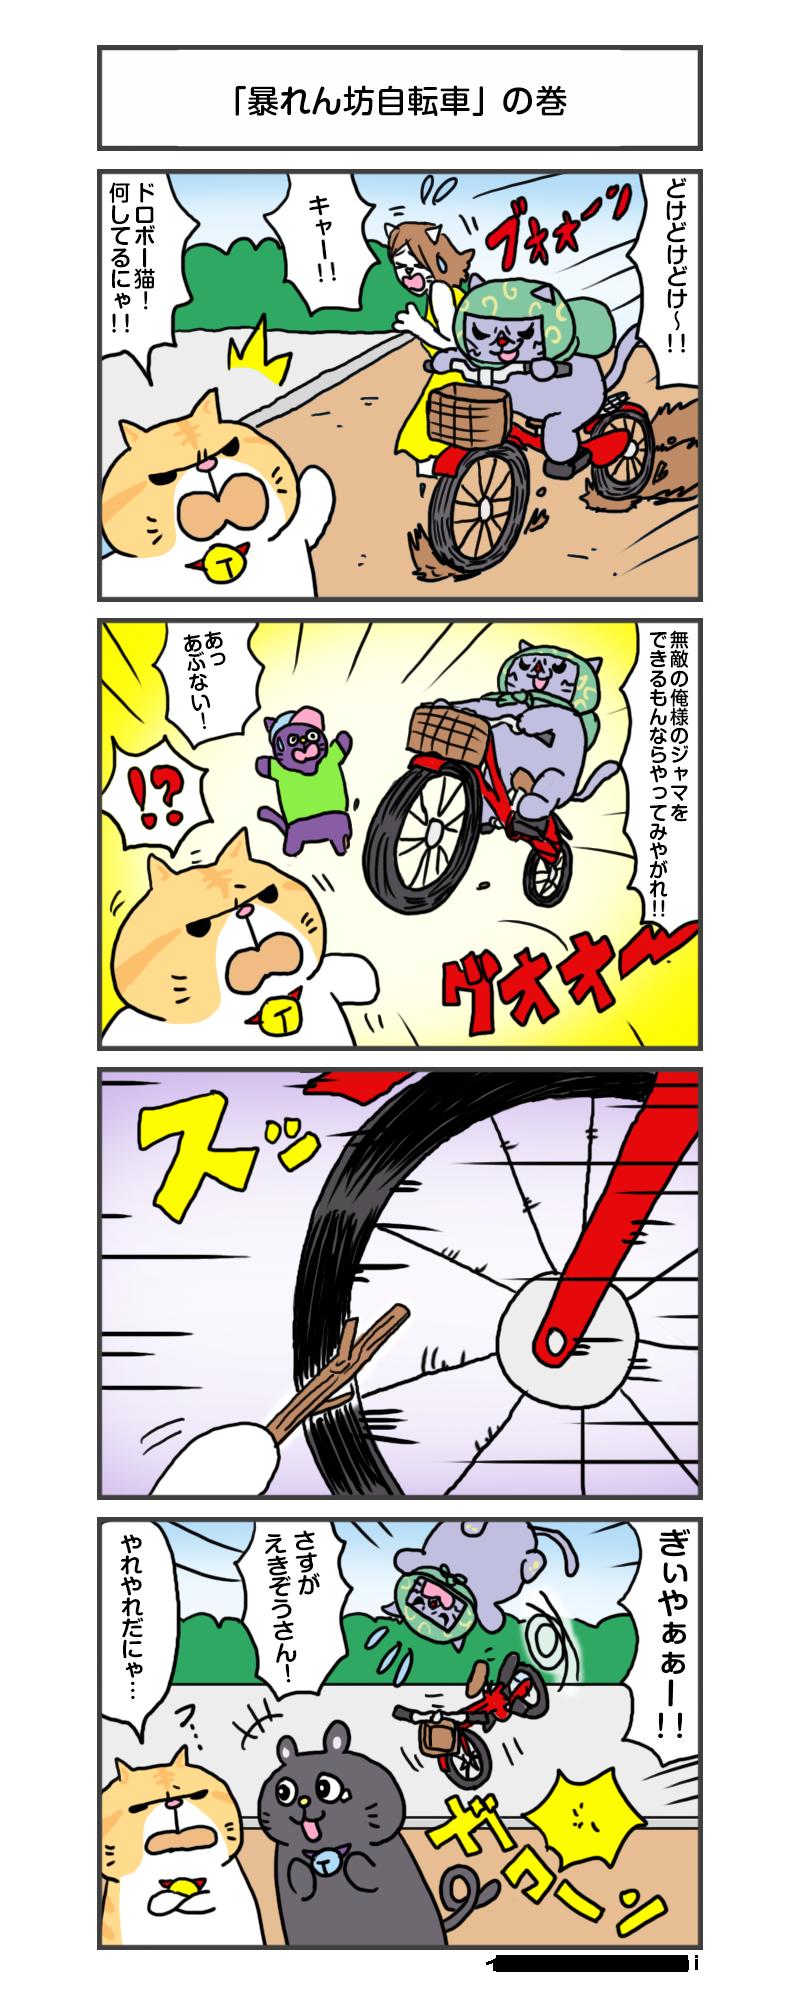 縺医″縺昴y縺・anga_vol.212